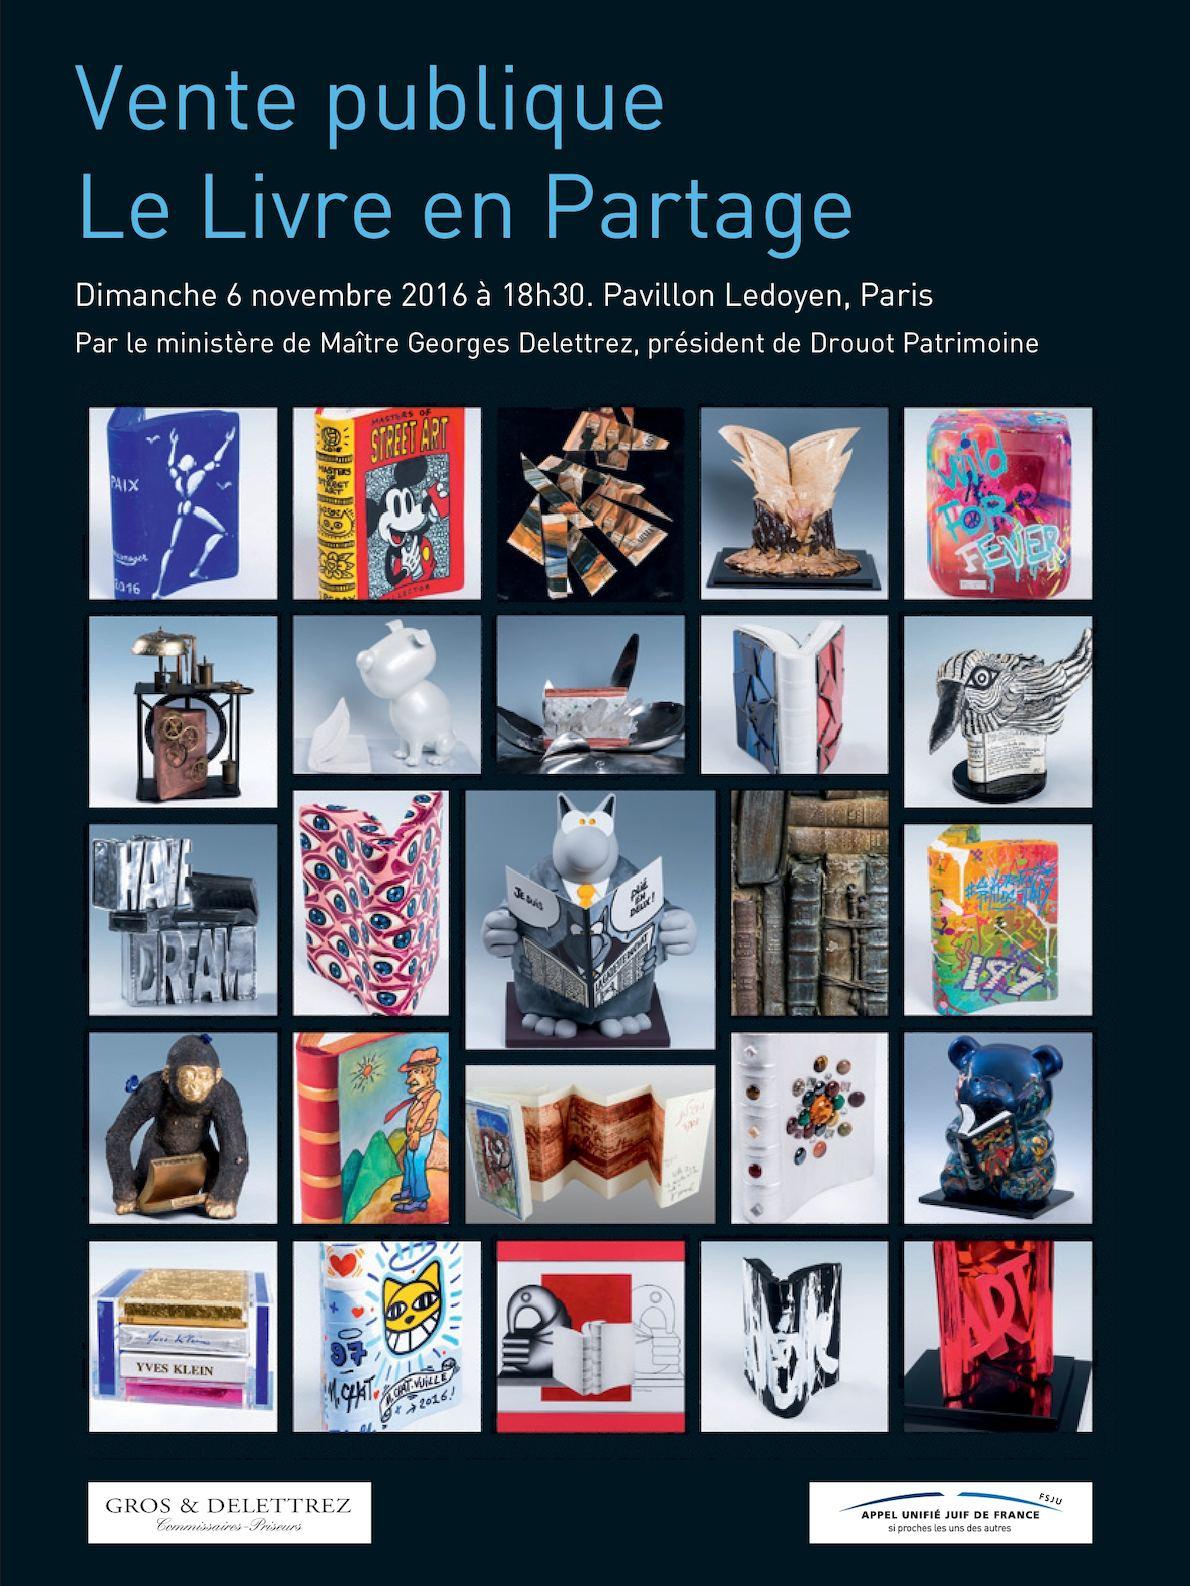 Calam o catalogue de la vente livre en partage for Vente lieu atypique paris